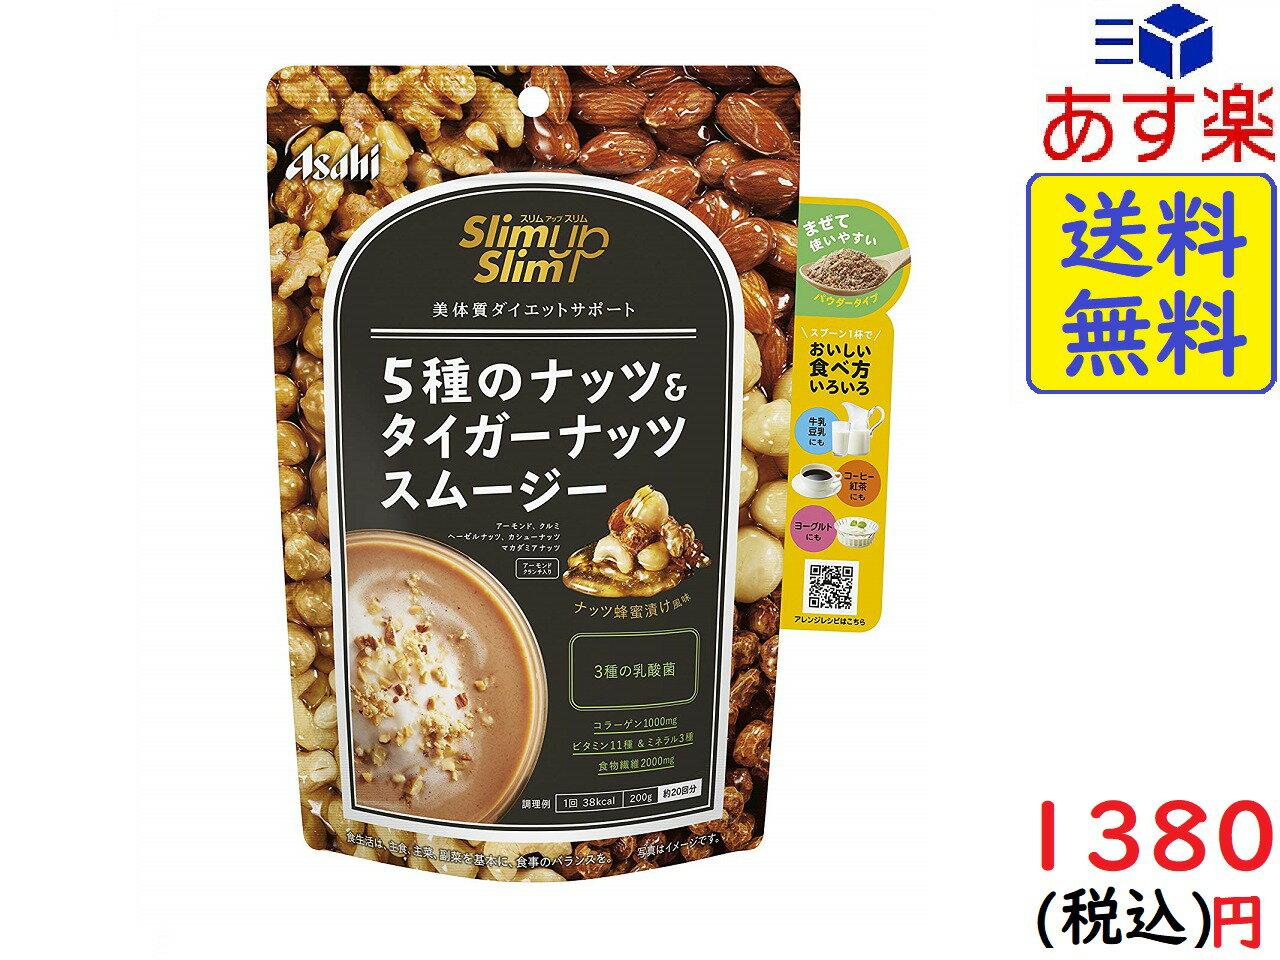 アサヒ食品 スリムアップスリム 5種のナッツ&タイガーナッツスムージー 200g 賞味期限 2019/08